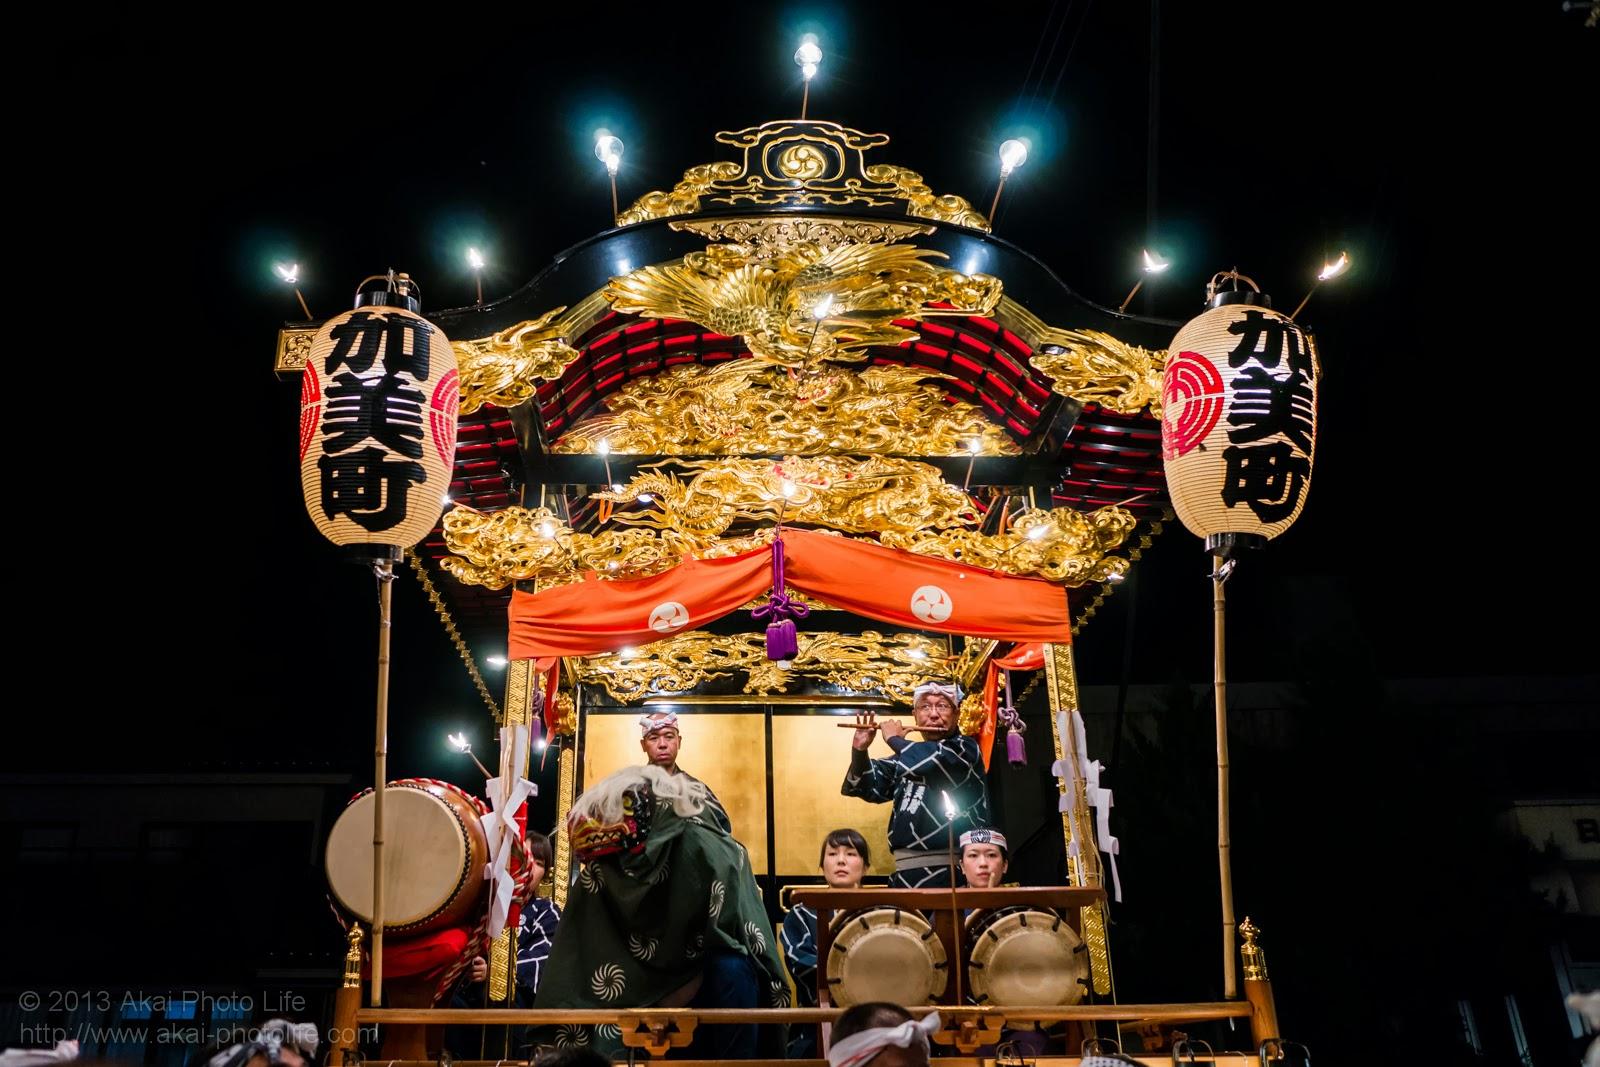 平井のお祭り、加美町の山車